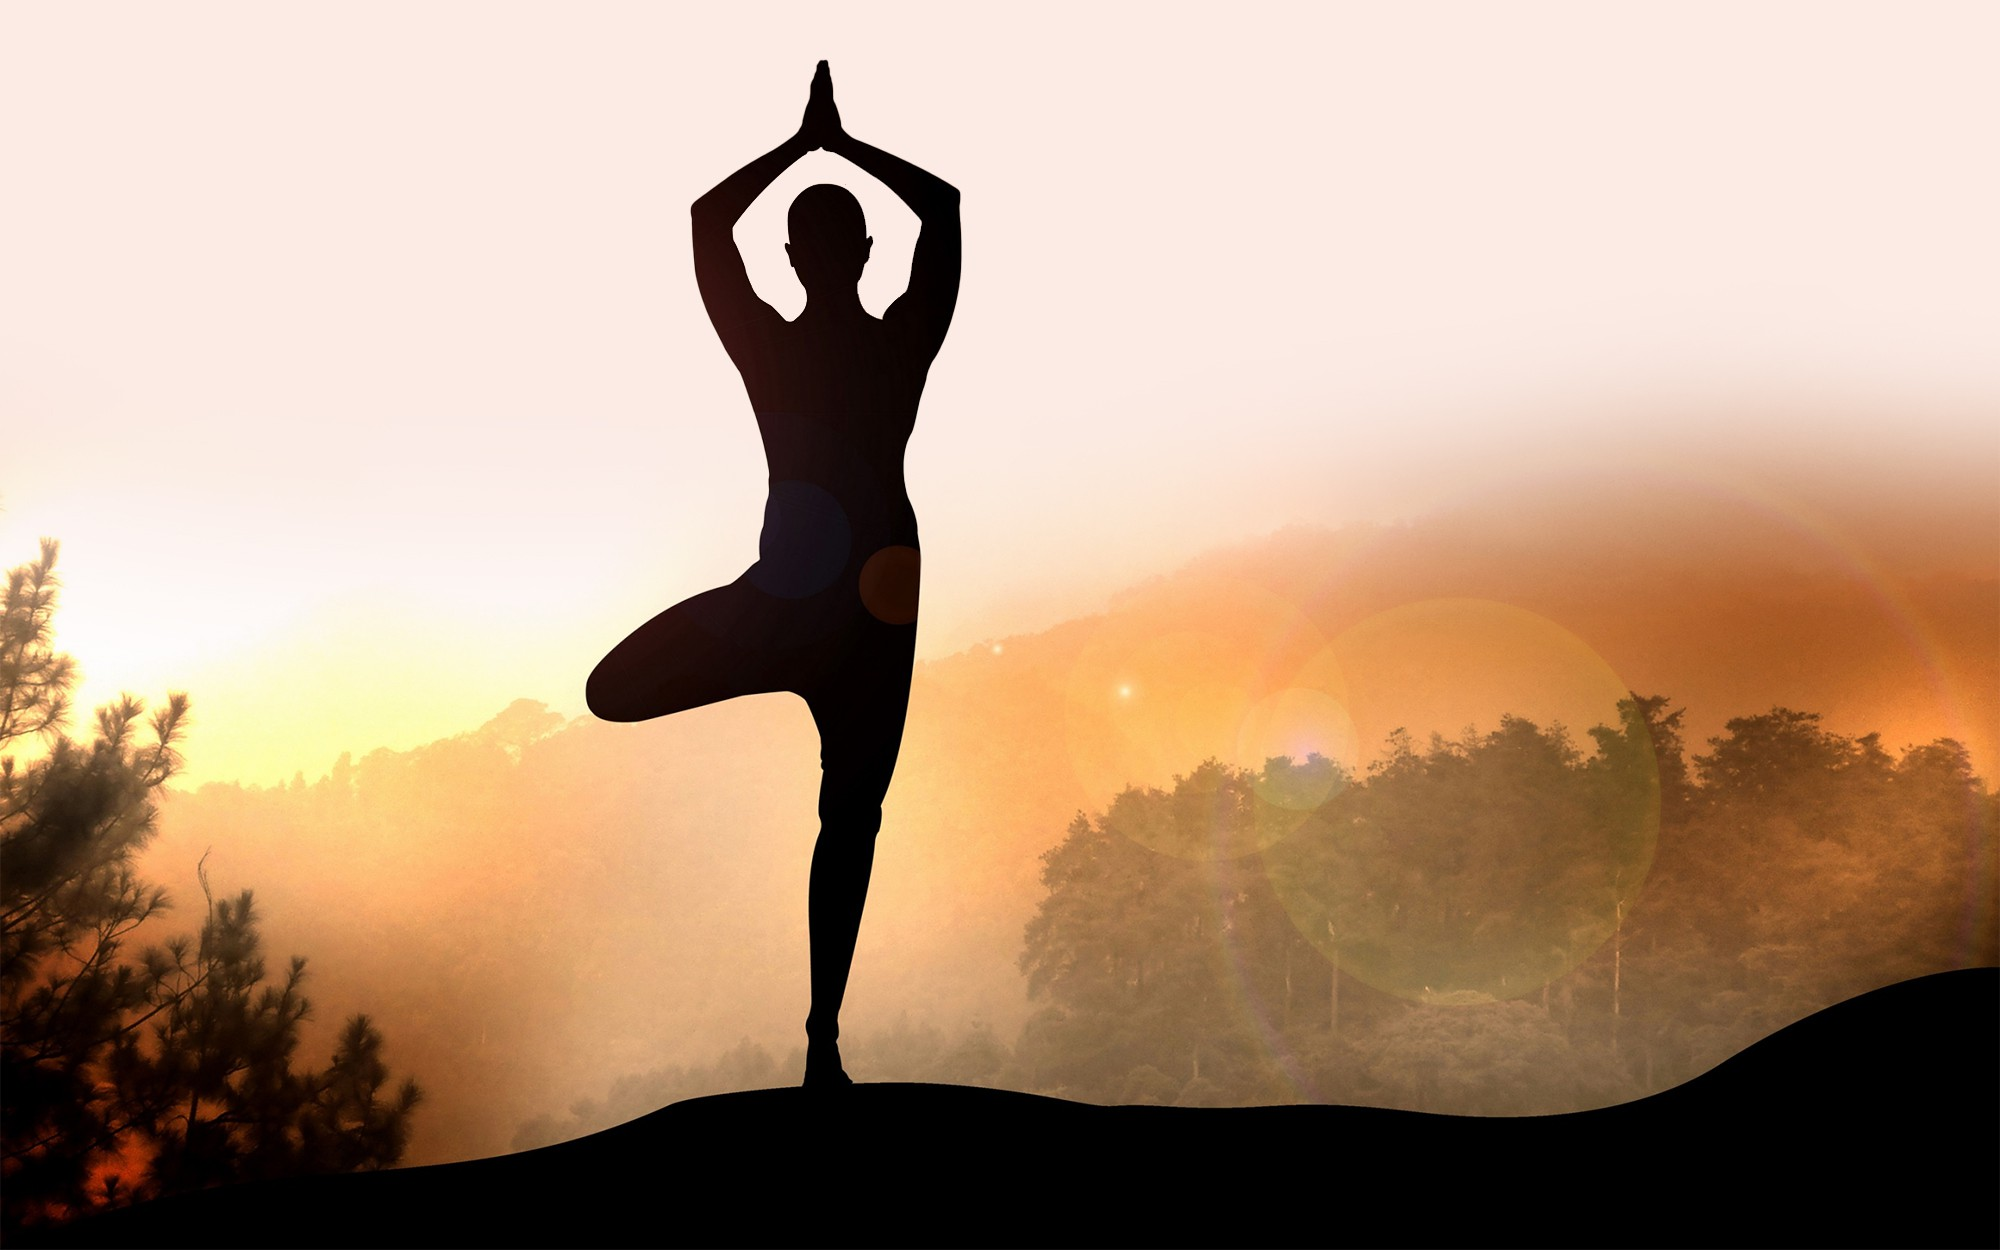 Cao thủ Yoga tiết lộ về Yoga thật - Yoga giả và bí quyết ăn-tập-ngủ tuyệt vời cho sức khỏe - Ảnh 30.